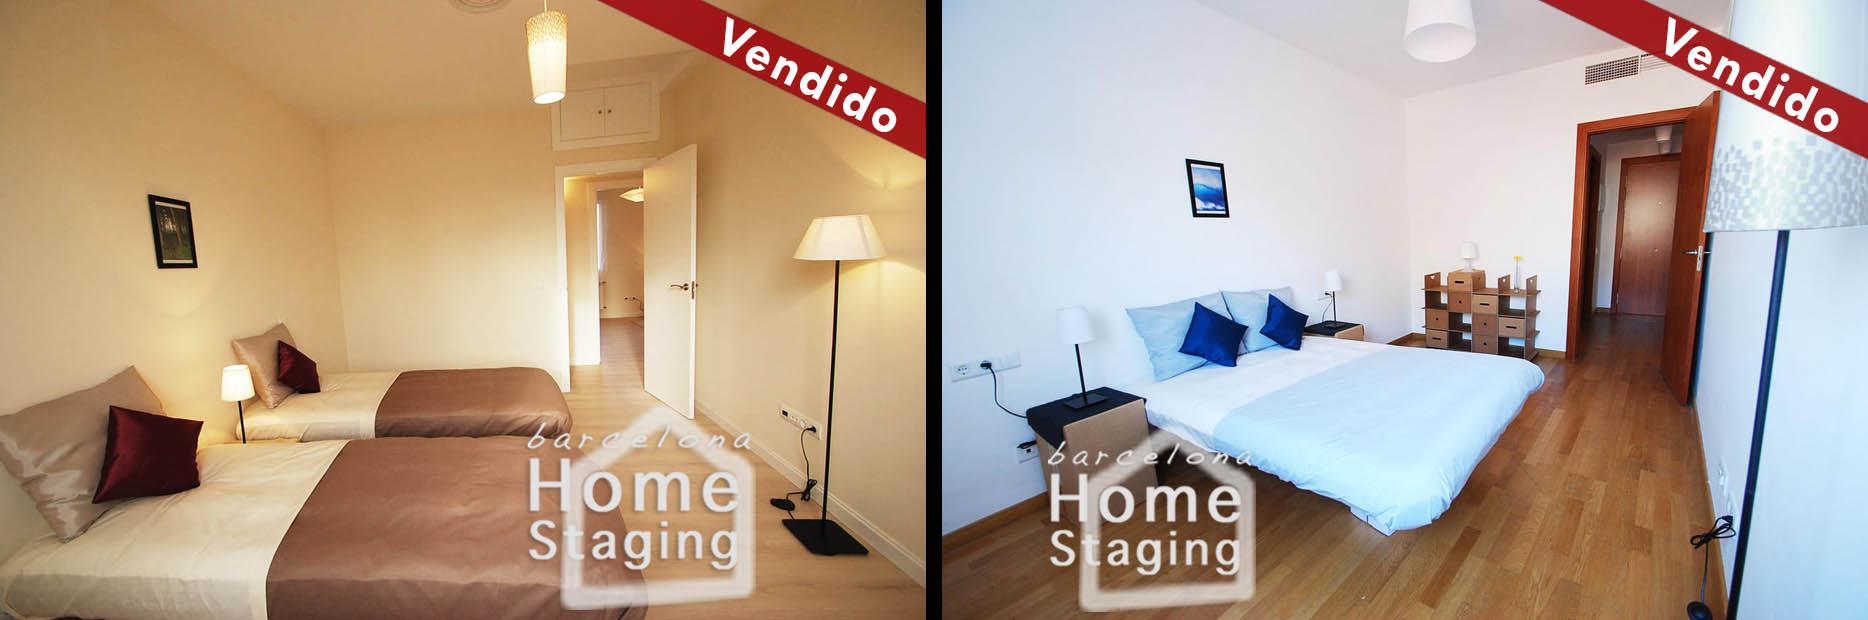 Dormitorios las claves para vender o alquilar m s r pido un piso idealista news - Pisos de una habitacion ...